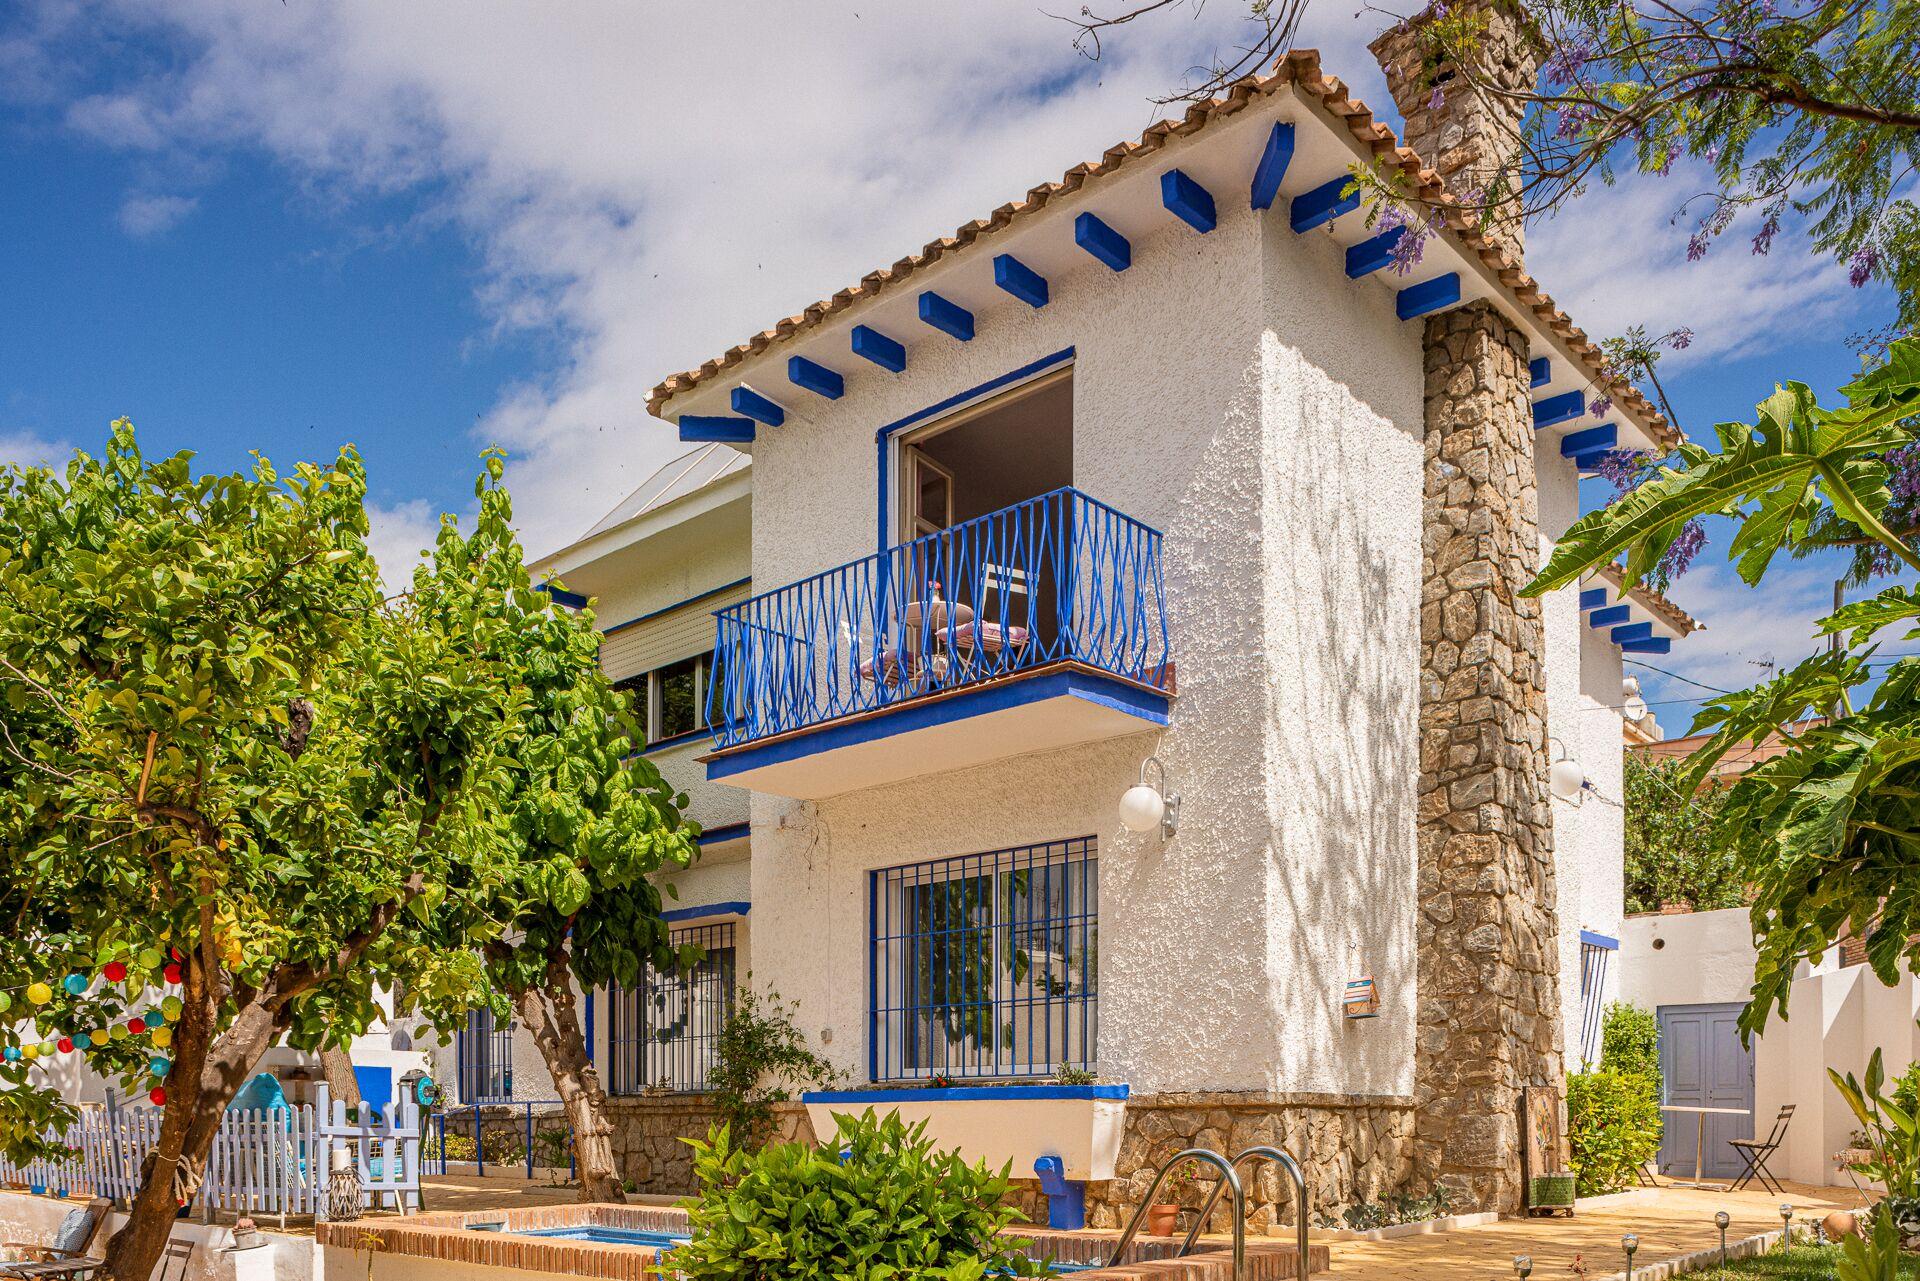 Blue Castle Malaga